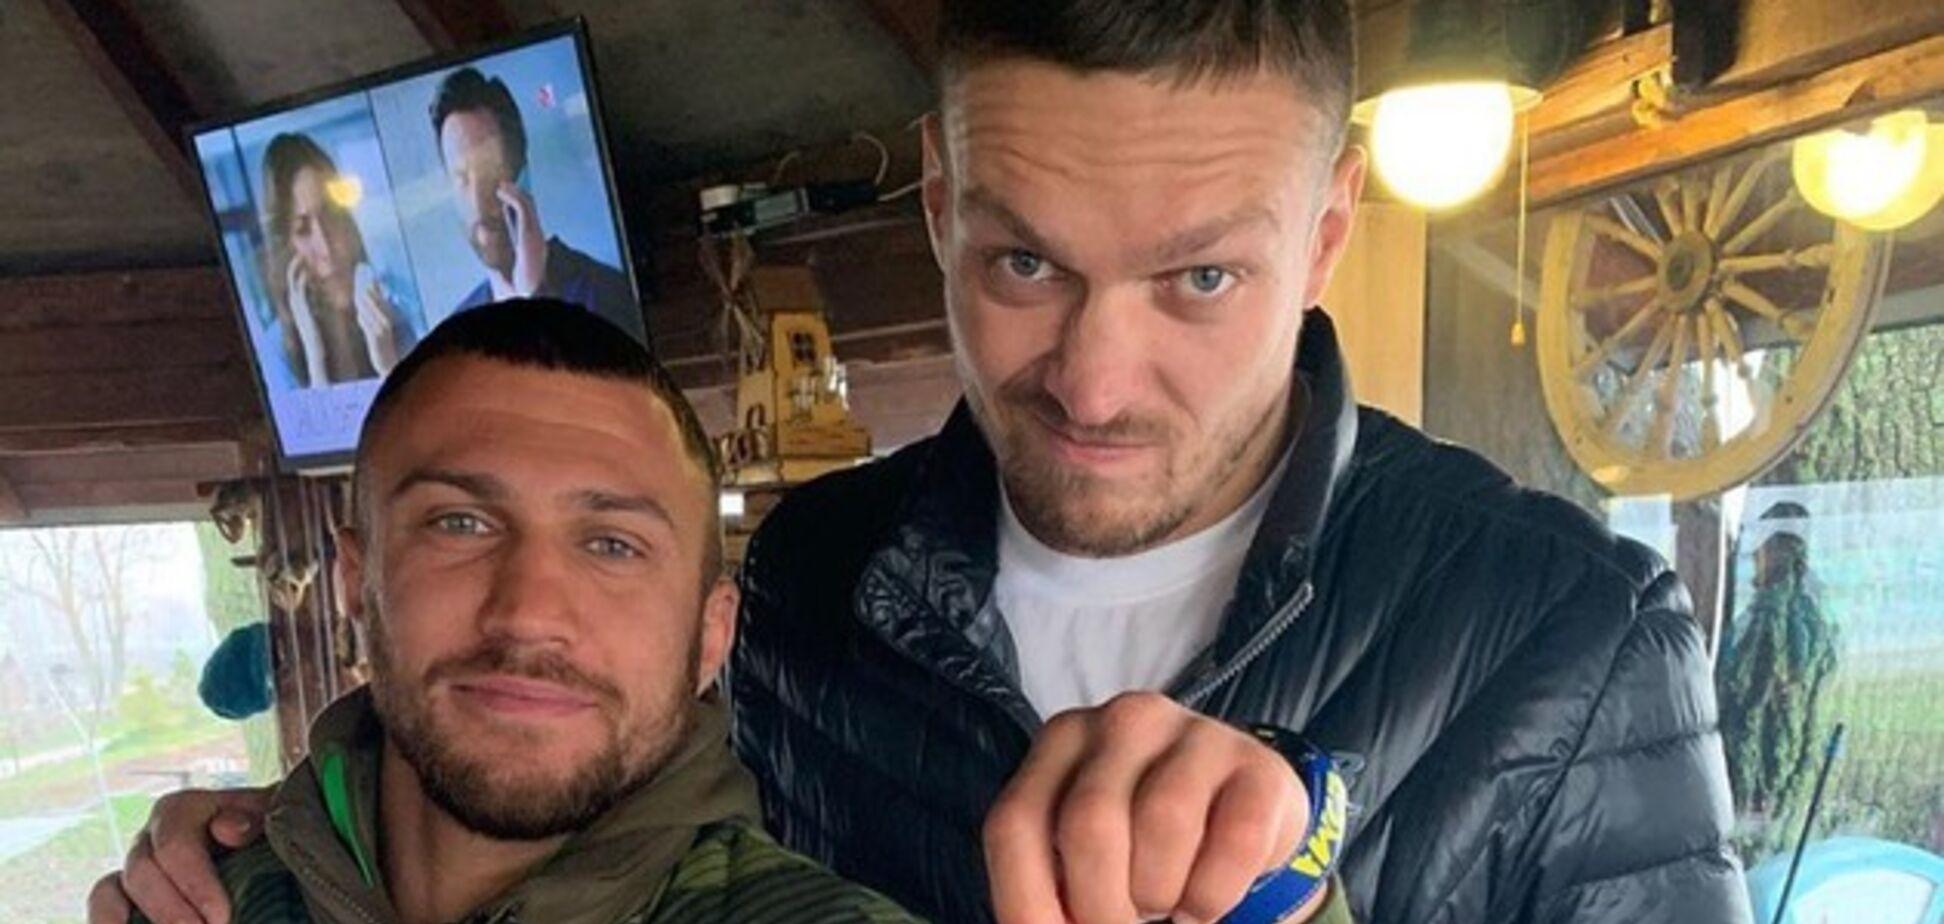 Усика и Ломаченко загнобили в сети за 'зашквар' с гражданством России